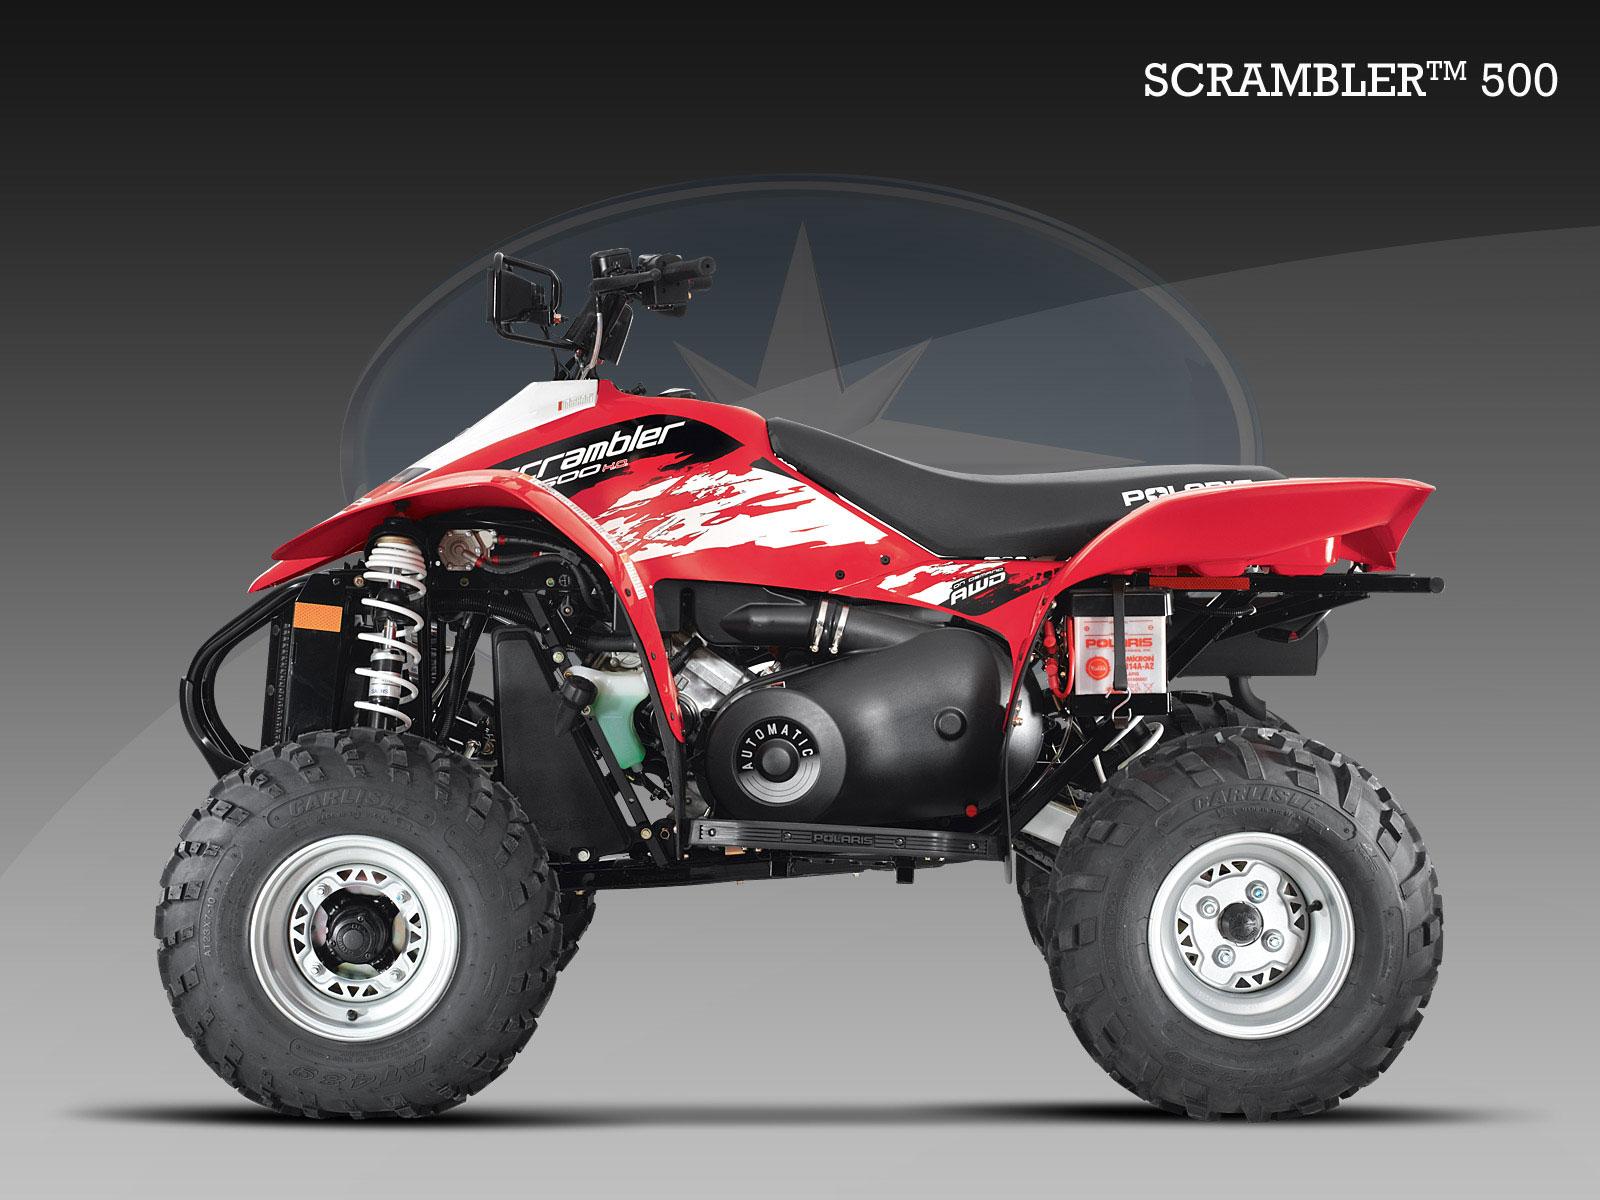 polaris scrambler 500 4x4 specs - 2008  2009